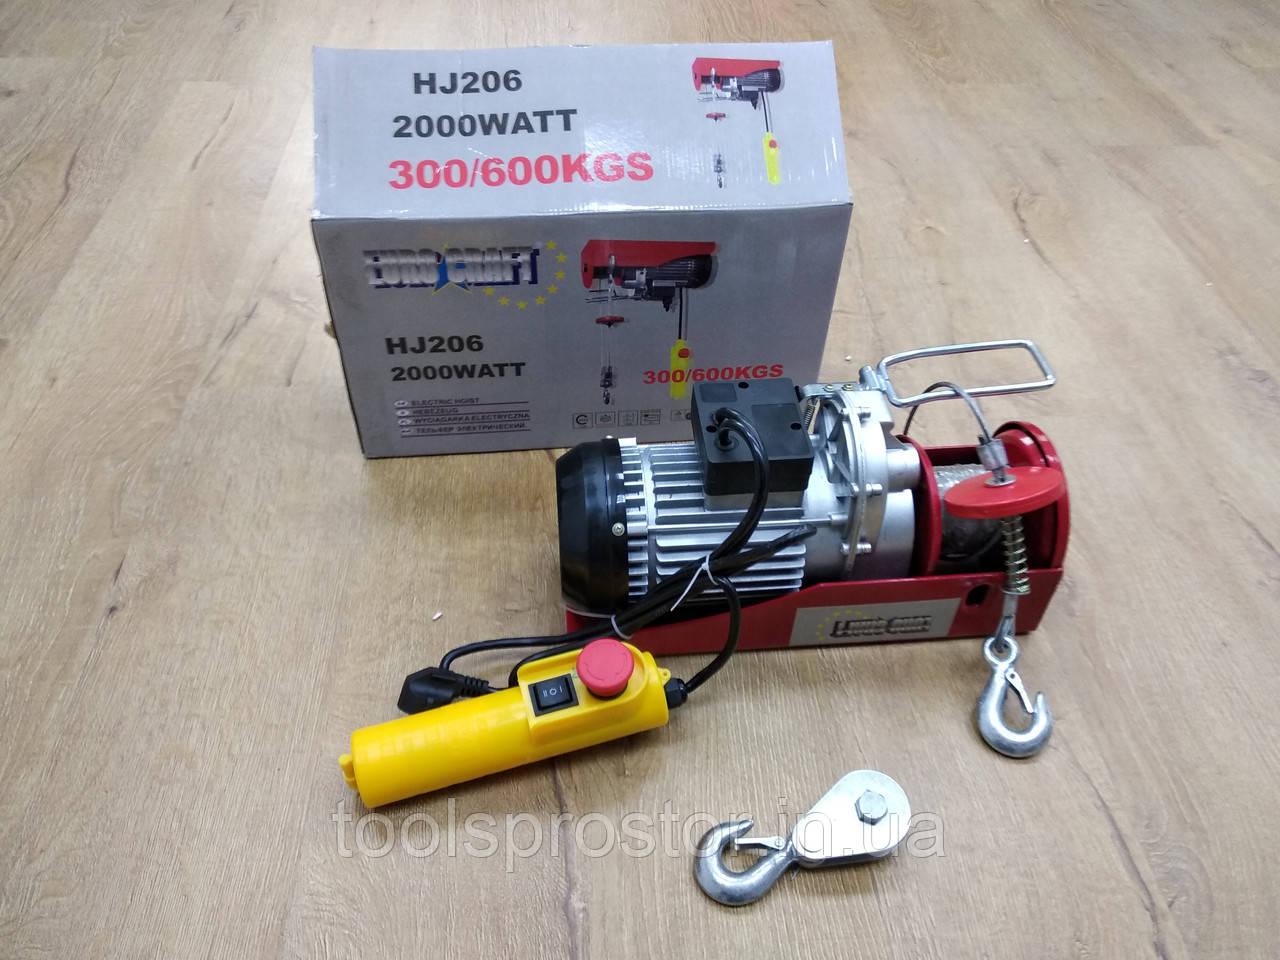 Тельфер Euro Craft HJ206 : 2000W | 300 кг / 600 кг | Гарантия 1 год